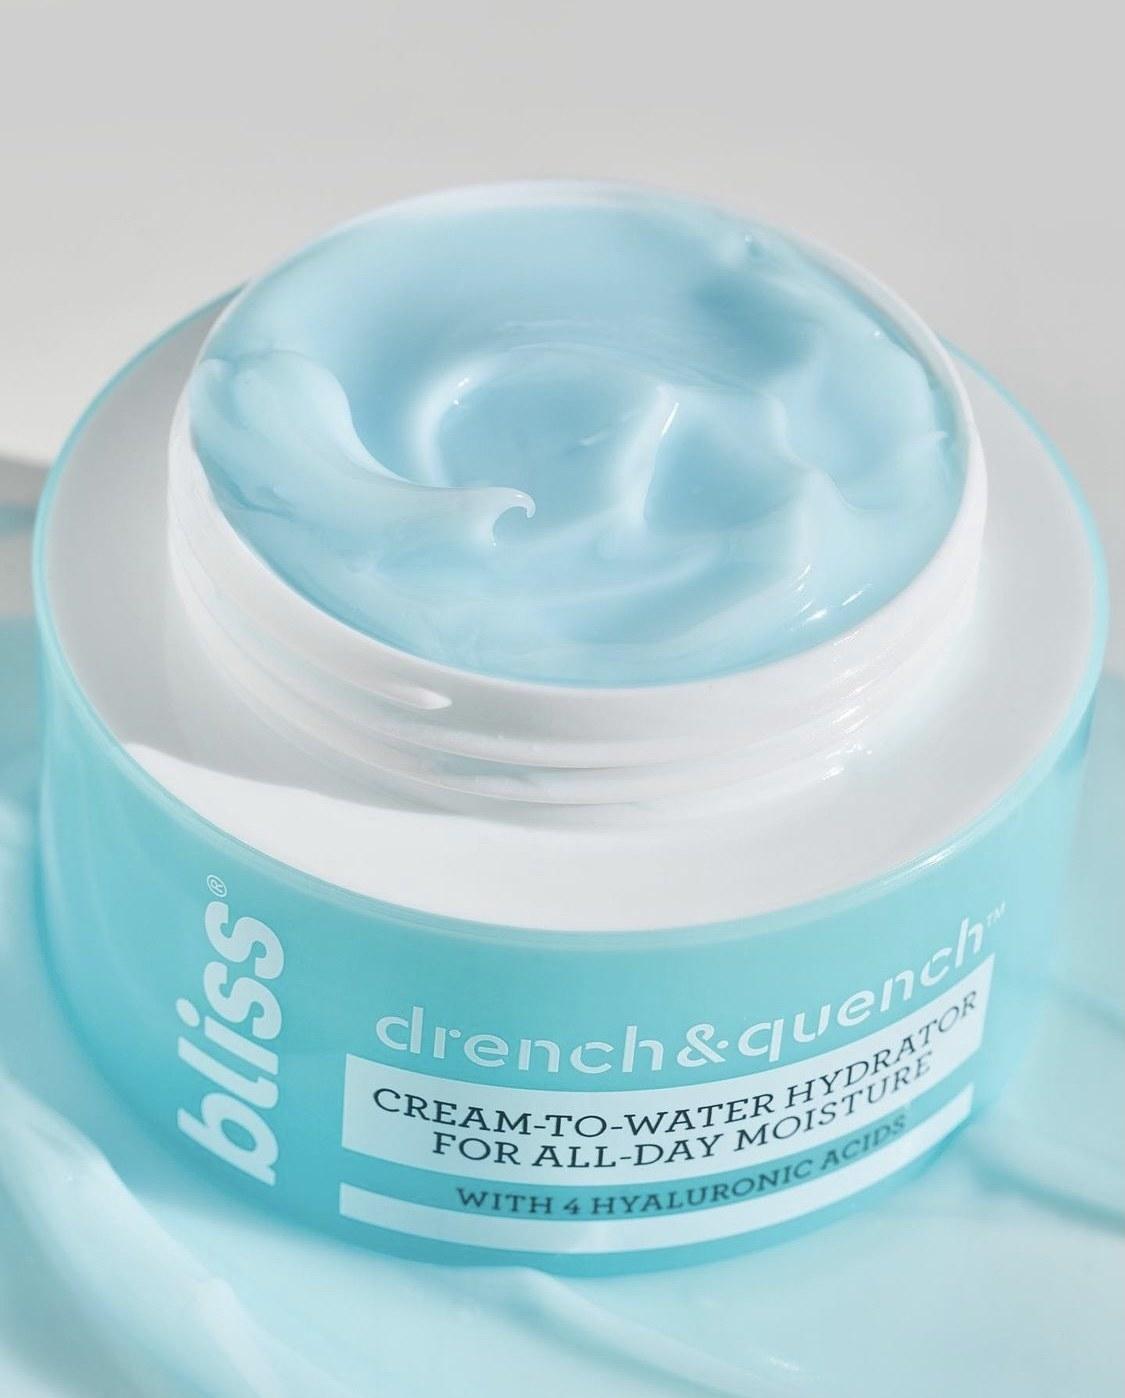 An open jar Bliss cream-to-water moisturizer